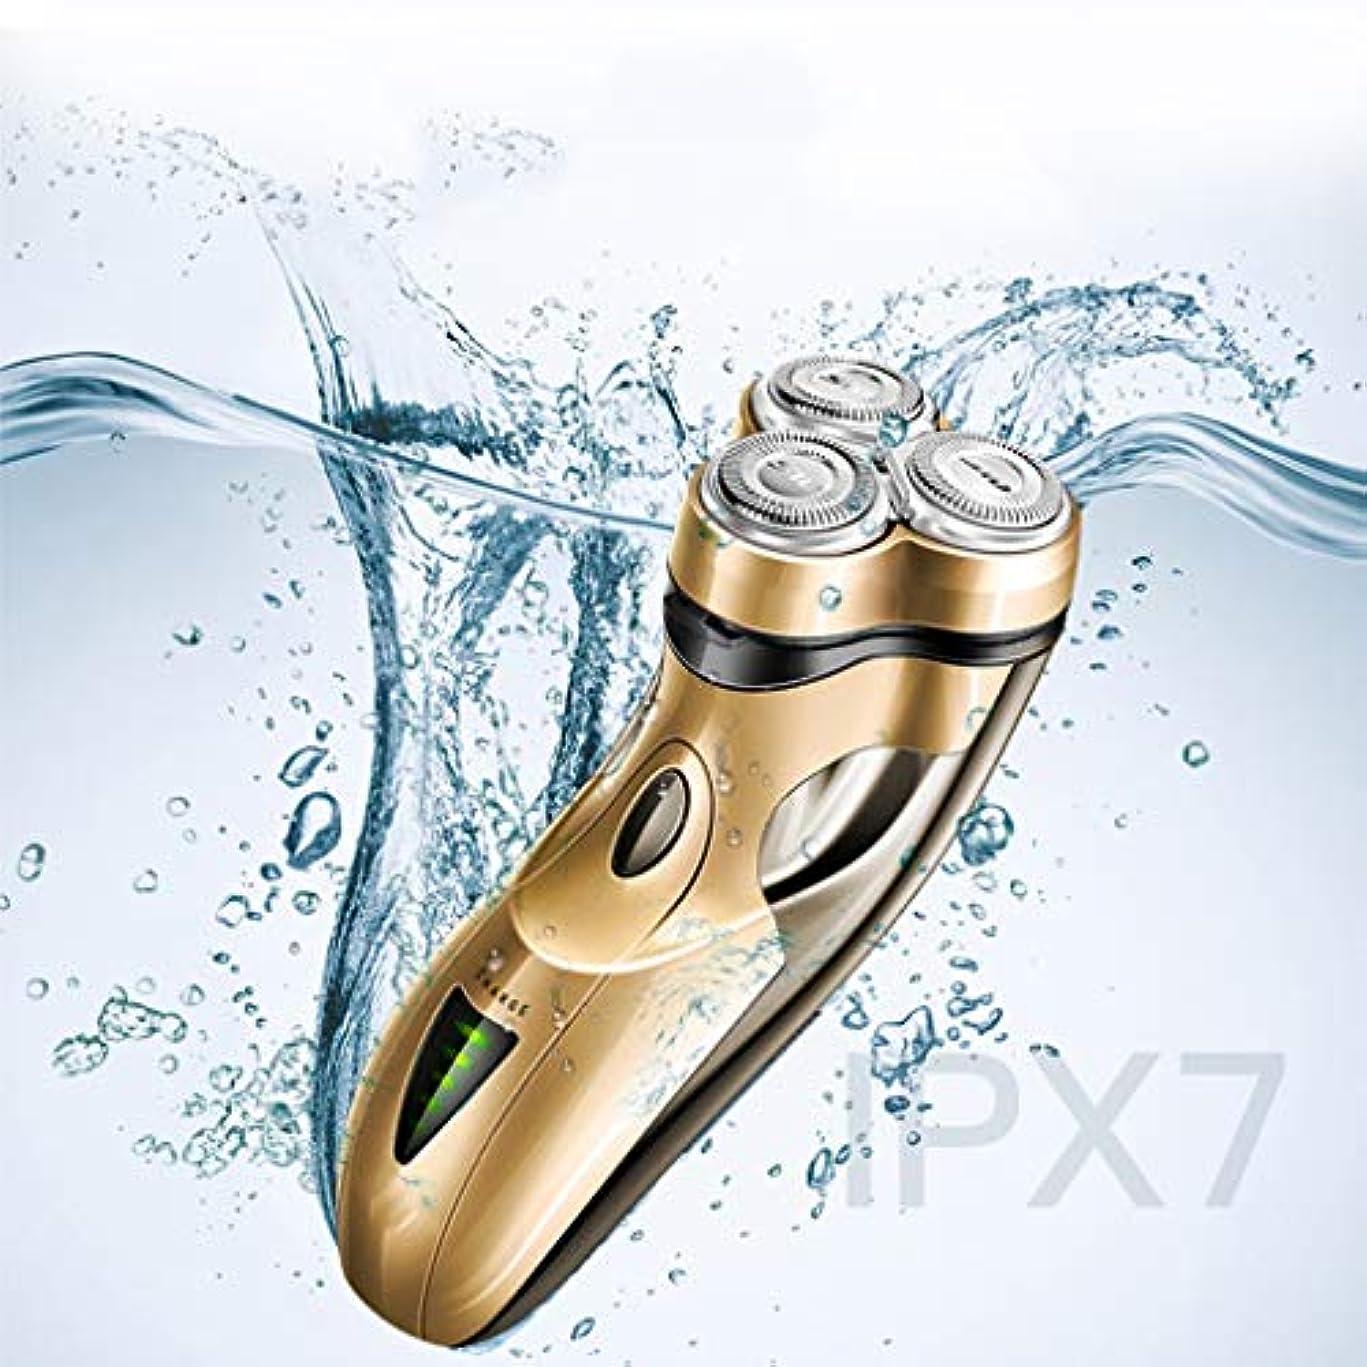 優勢交じるやさしいJCCOZ USB充電式電気シェーバードライおよびウェットヒゲトリマーオールラウンドクリーニング顔の残留物サポートボディウォッシュ